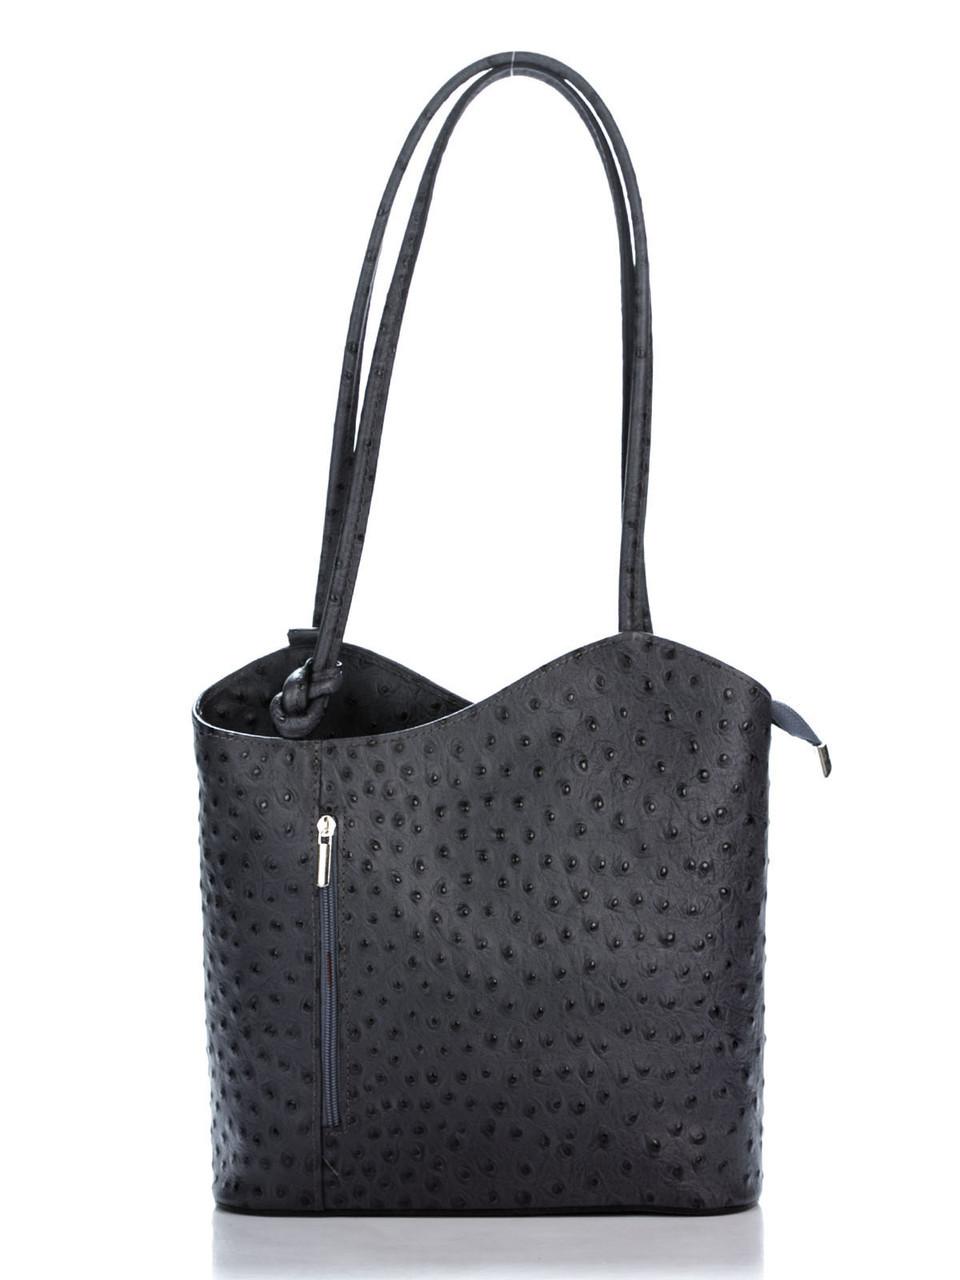 Женская кожаная сумка PATTY Diva's Bag цвет темно-серый